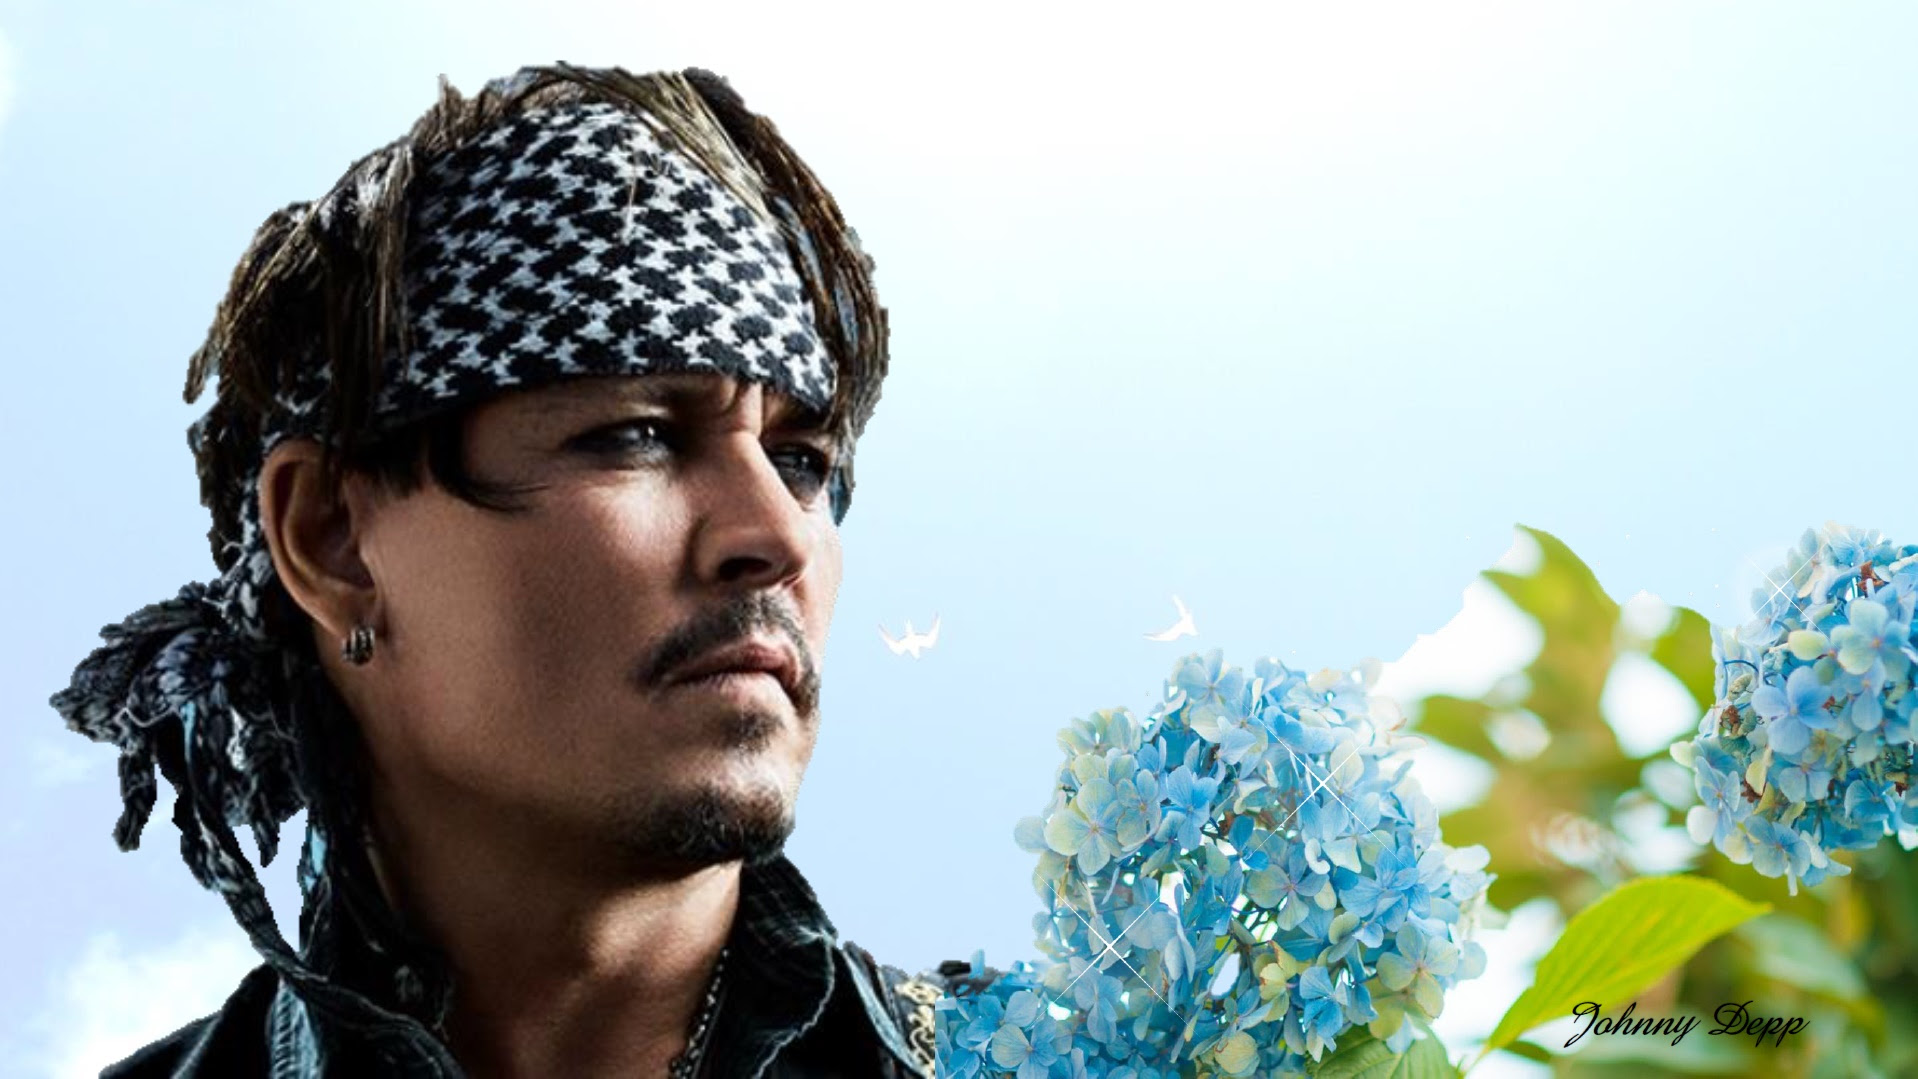 ジョニー デップ壁紙 ジョニーに逢えたなら ジョニー デップ応援サイト